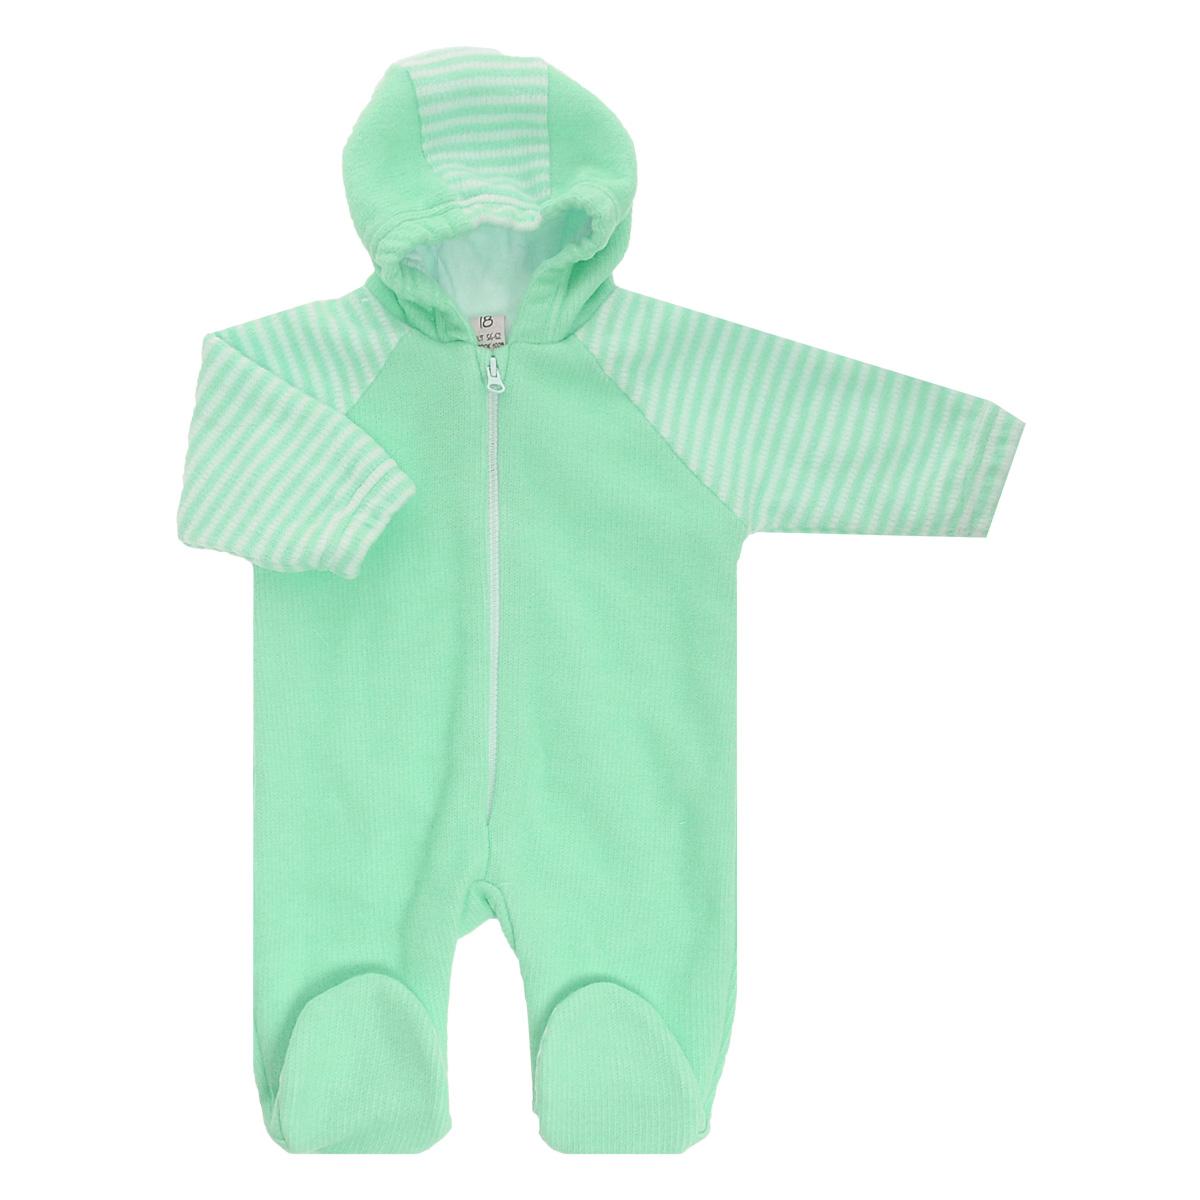 Комбинезон детский Lucky Child, цвет: зеленый, белая полоска. 4-13. Размер 74/804-13Детский вязаный комбинезон с капюшоном Lucky Child - очень удобный и практичный вид одежды для малышей. Комбинезон выполнен из натурального хлопка, на подкладке также используется натуральный хлопок, благодаря чему он необычайно мягкий и приятный на ощупь, не раздражают нежную кожу ребенка и хорошо вентилируются, а эластичные швы приятны телу малыша и не препятствуют его движениям. Комбинезон с длинными рукавами-реглан и закрытыми ножками имеет пластиковую застежку-молнию по центру, которая помогает легко переодеть младенца. Рукава понизу дополнены неширокими эластичными манжетами, не перетягивающими запястья. С детским комбинезоном Lucky Child спинка и ножки вашего малыша всегда будут в тепле. Комбинезон полностью соответствует особенностям жизни младенца в ранний период, не стесняя и не ограничивая его в движениях!